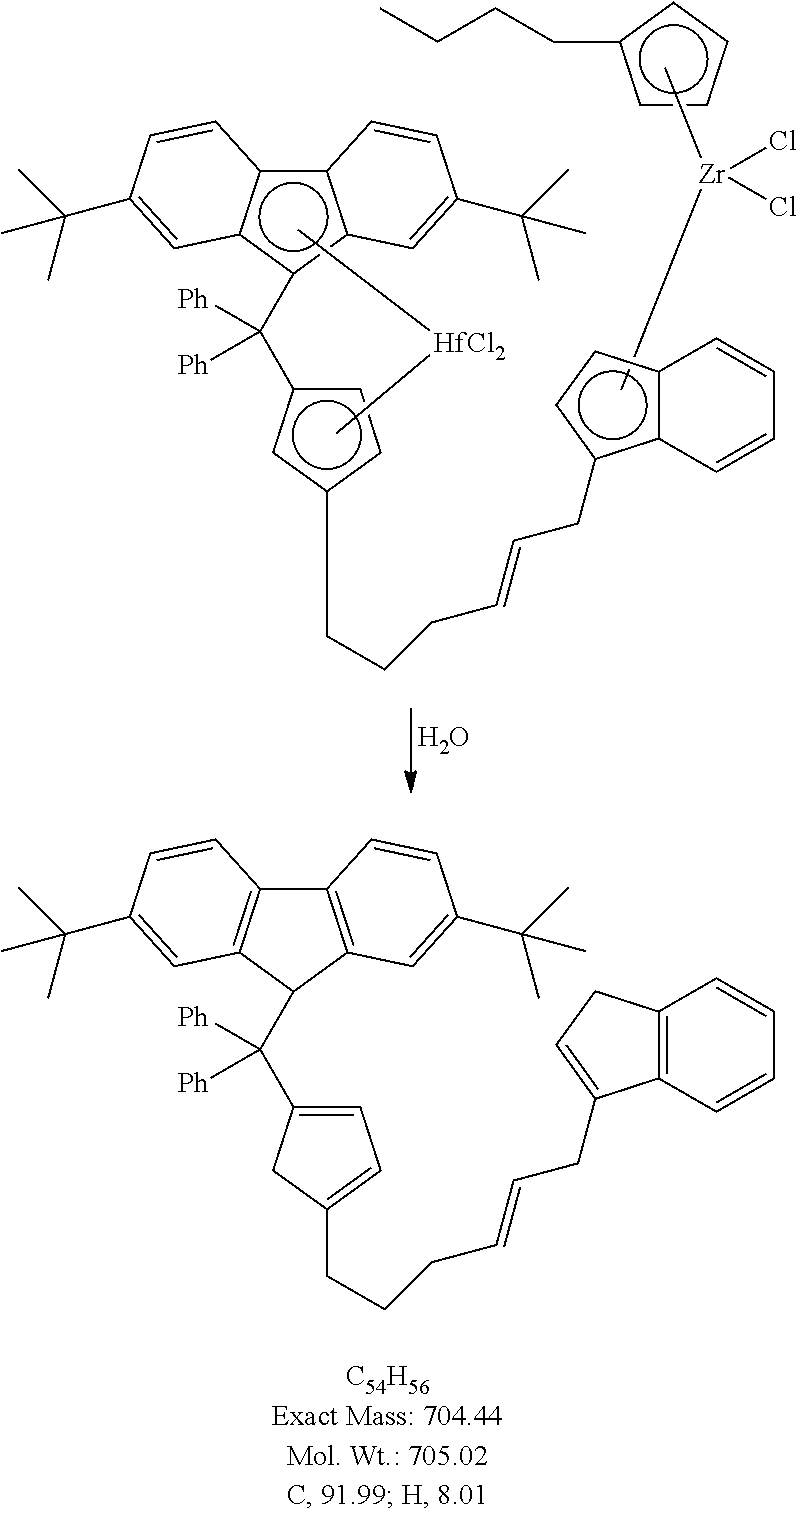 Figure US08426536-20130423-C00027